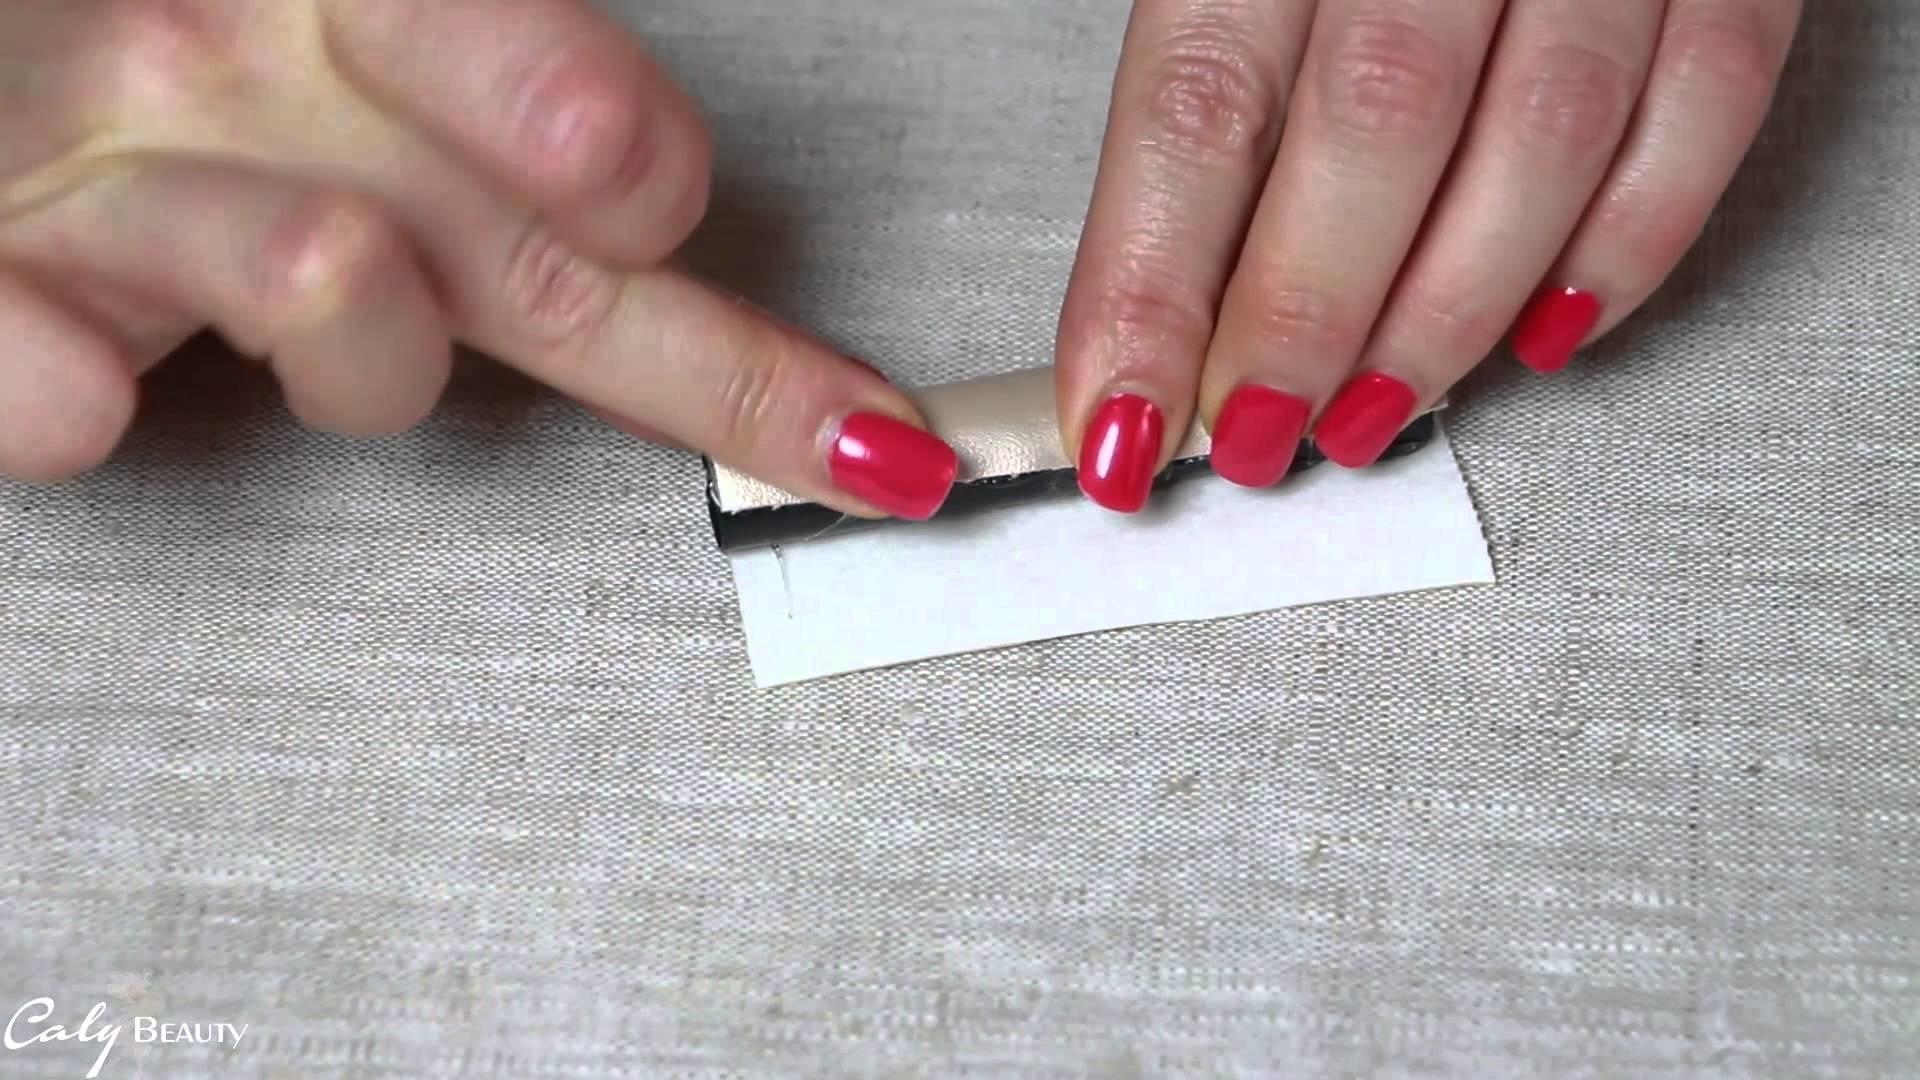 ✮ DIY ✮ Porte bracelet ✮ Présentoir  | Caly Beauty